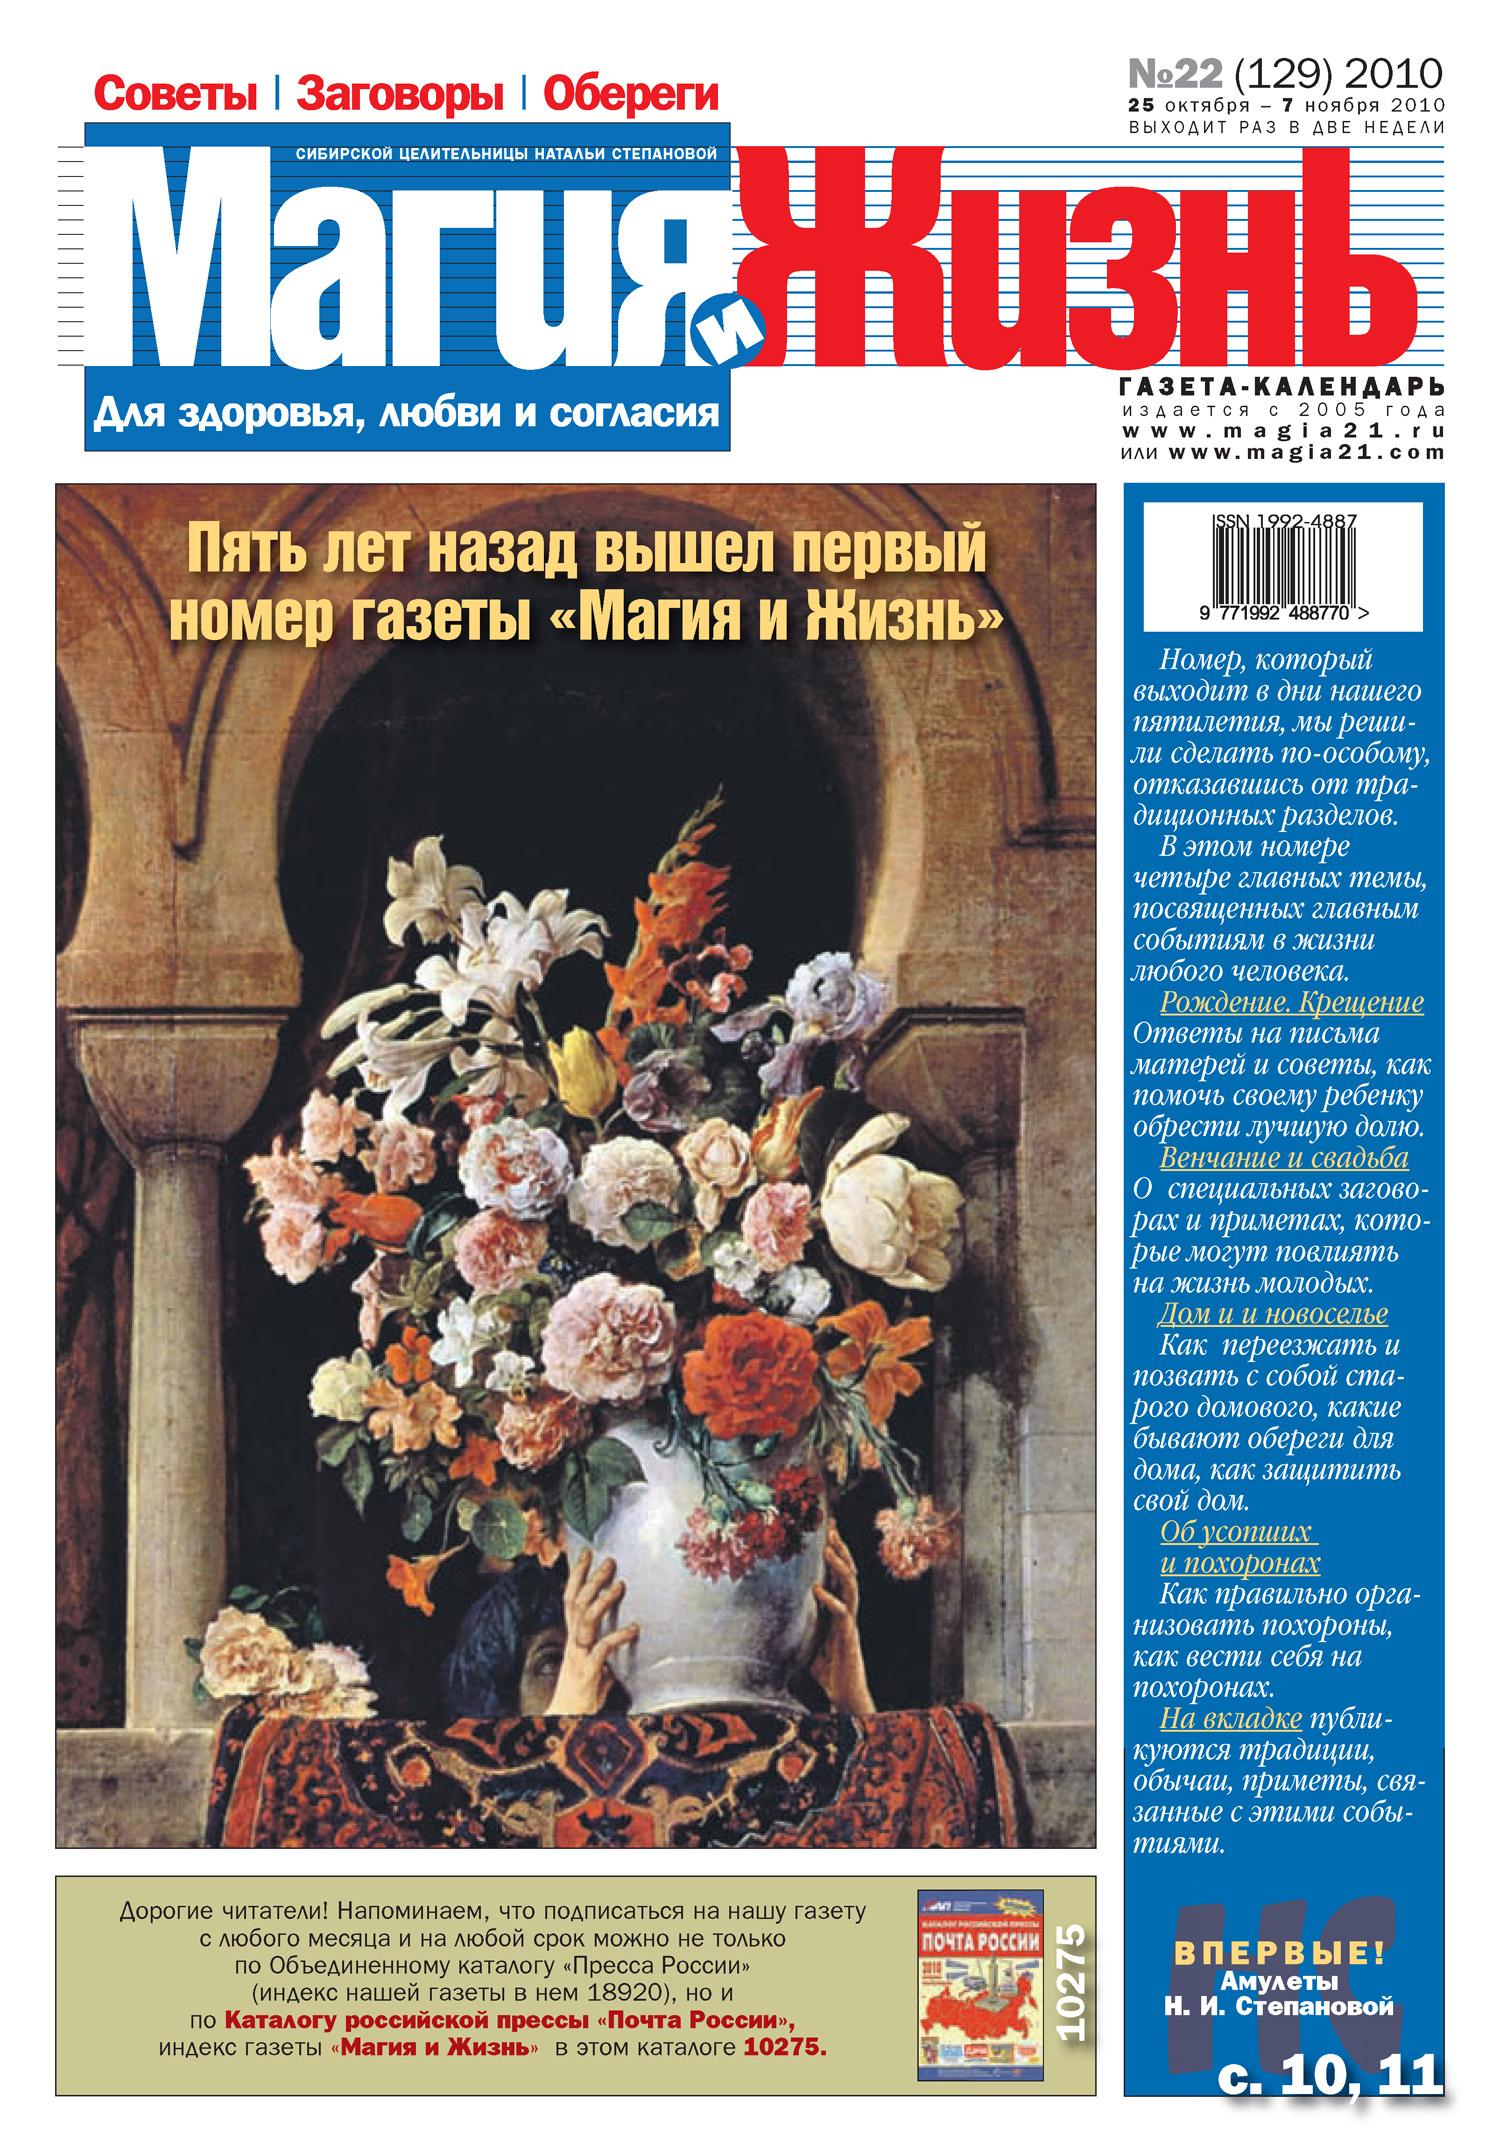 Магия и жизнь. Газета сибирской целительницы Натальи Степановой №22 (129) 2010